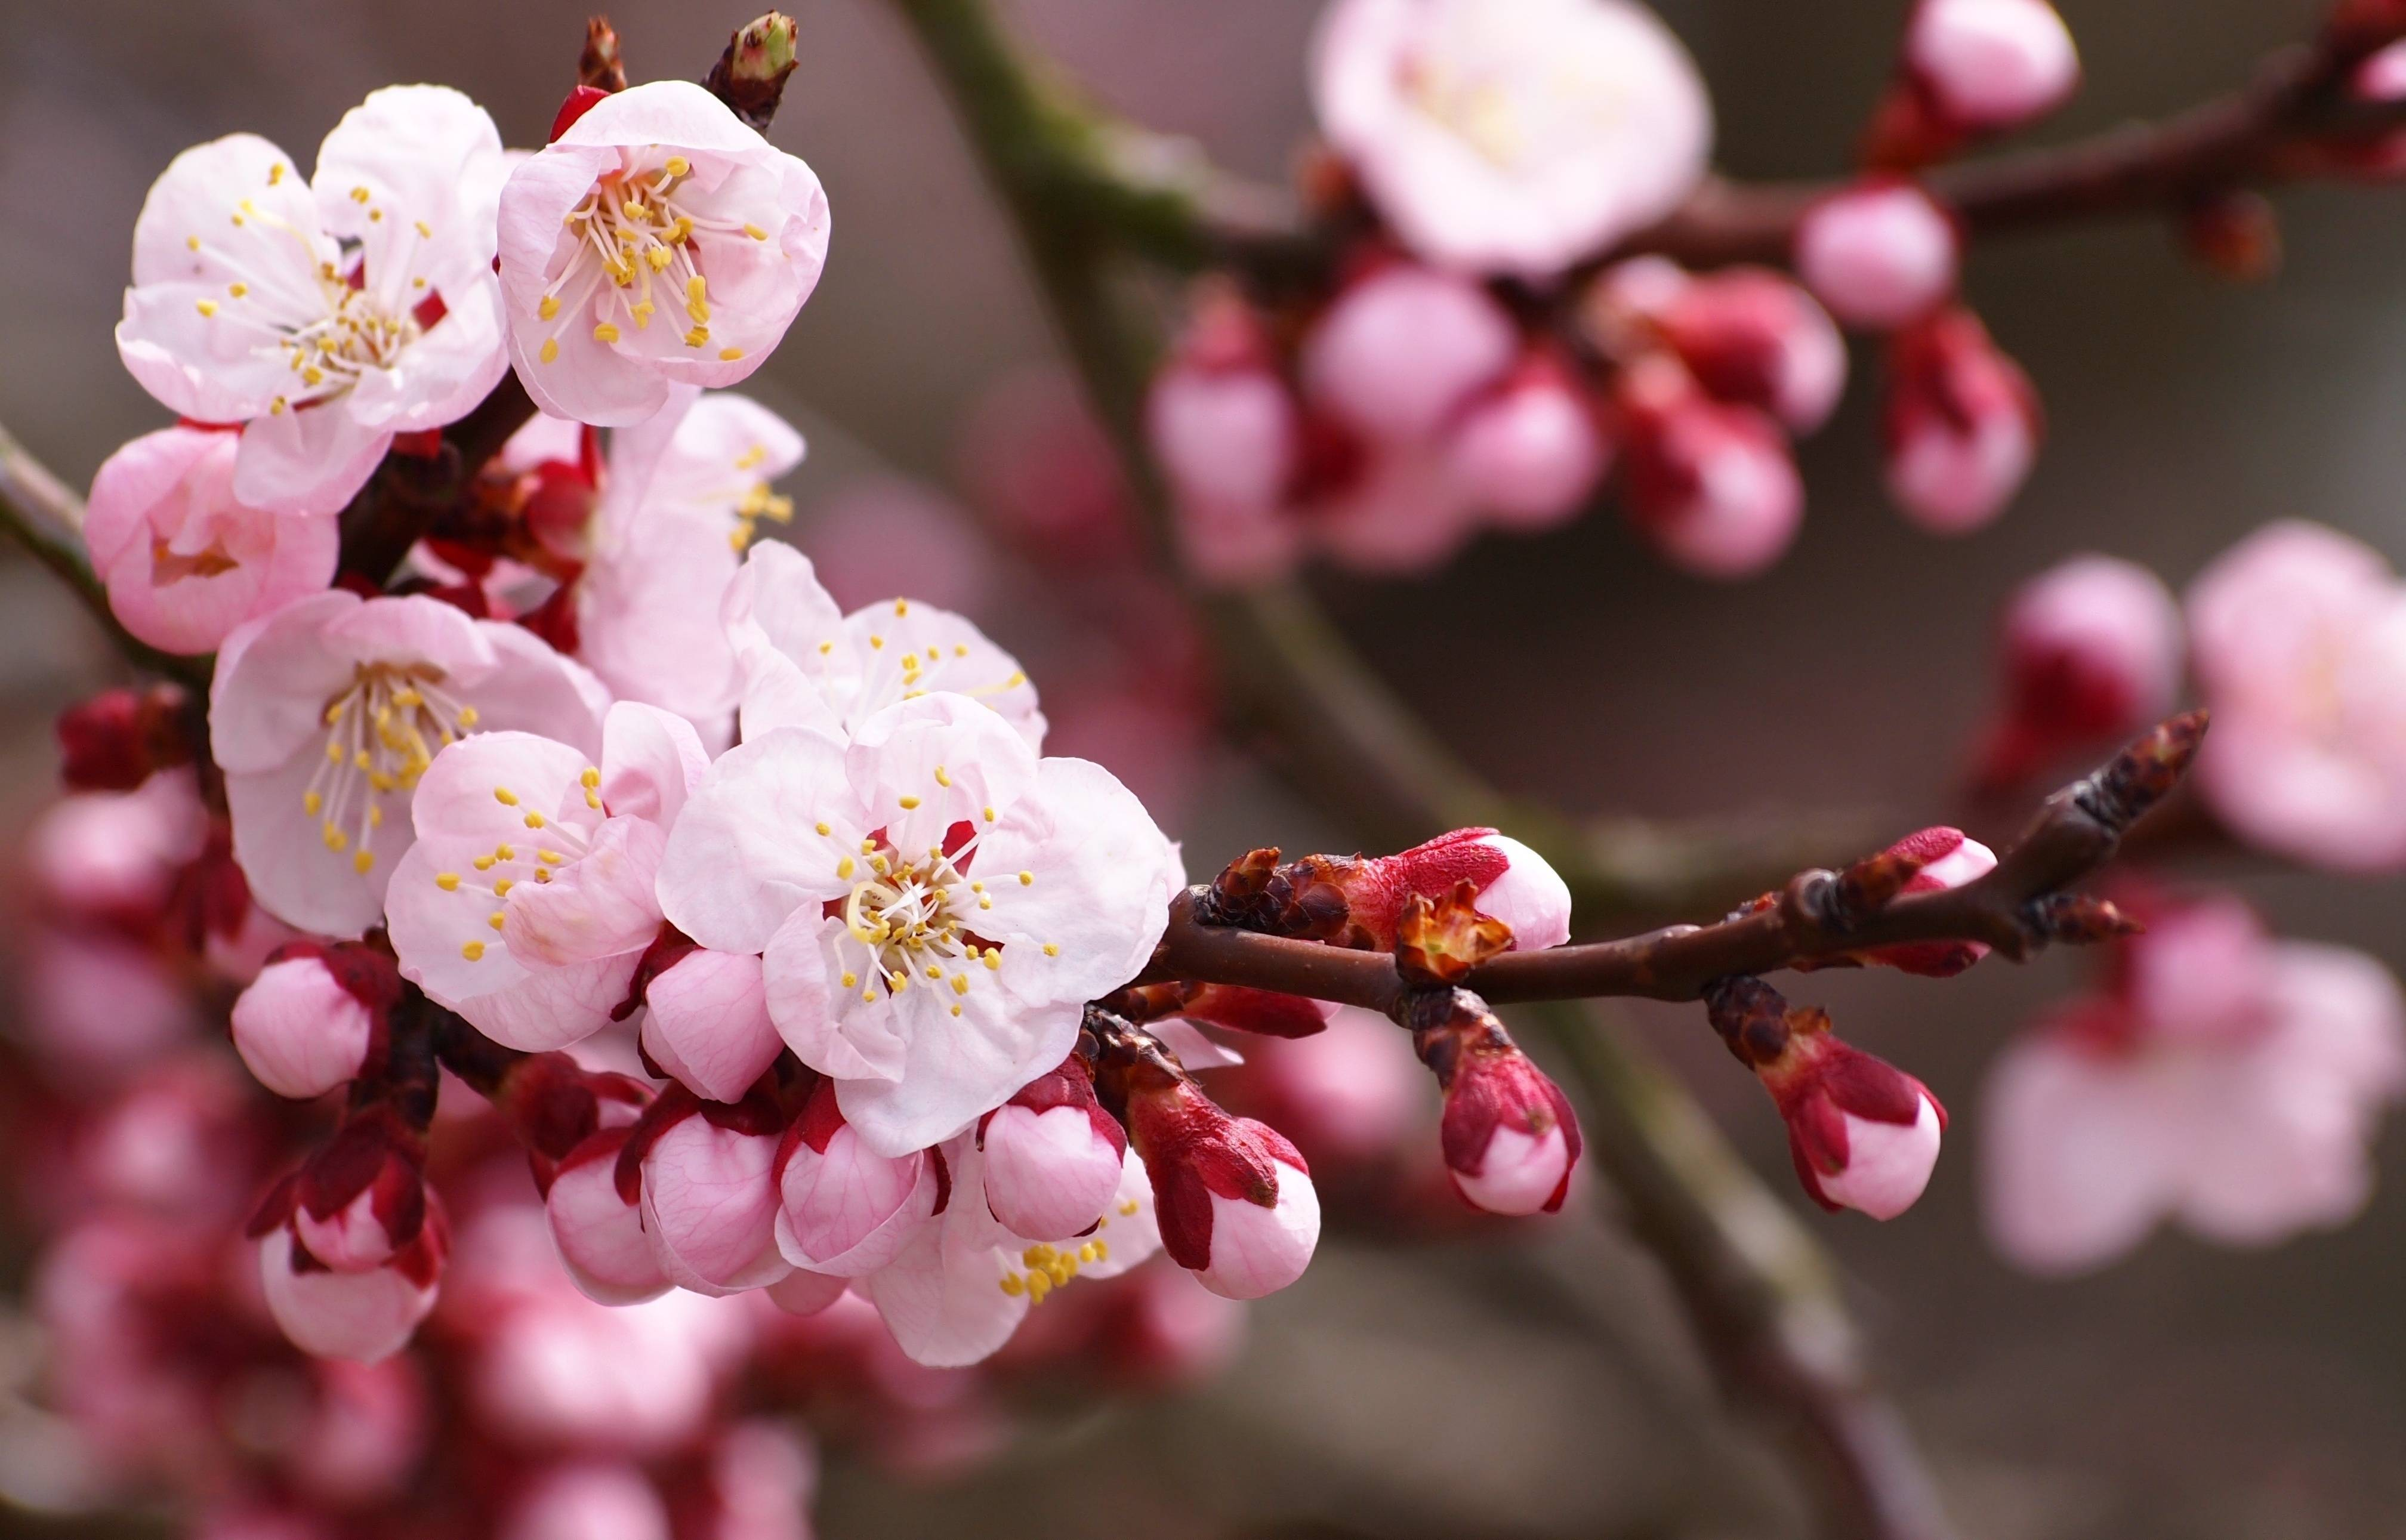 Wallpaper nature beauty pink | wallpapersadda.